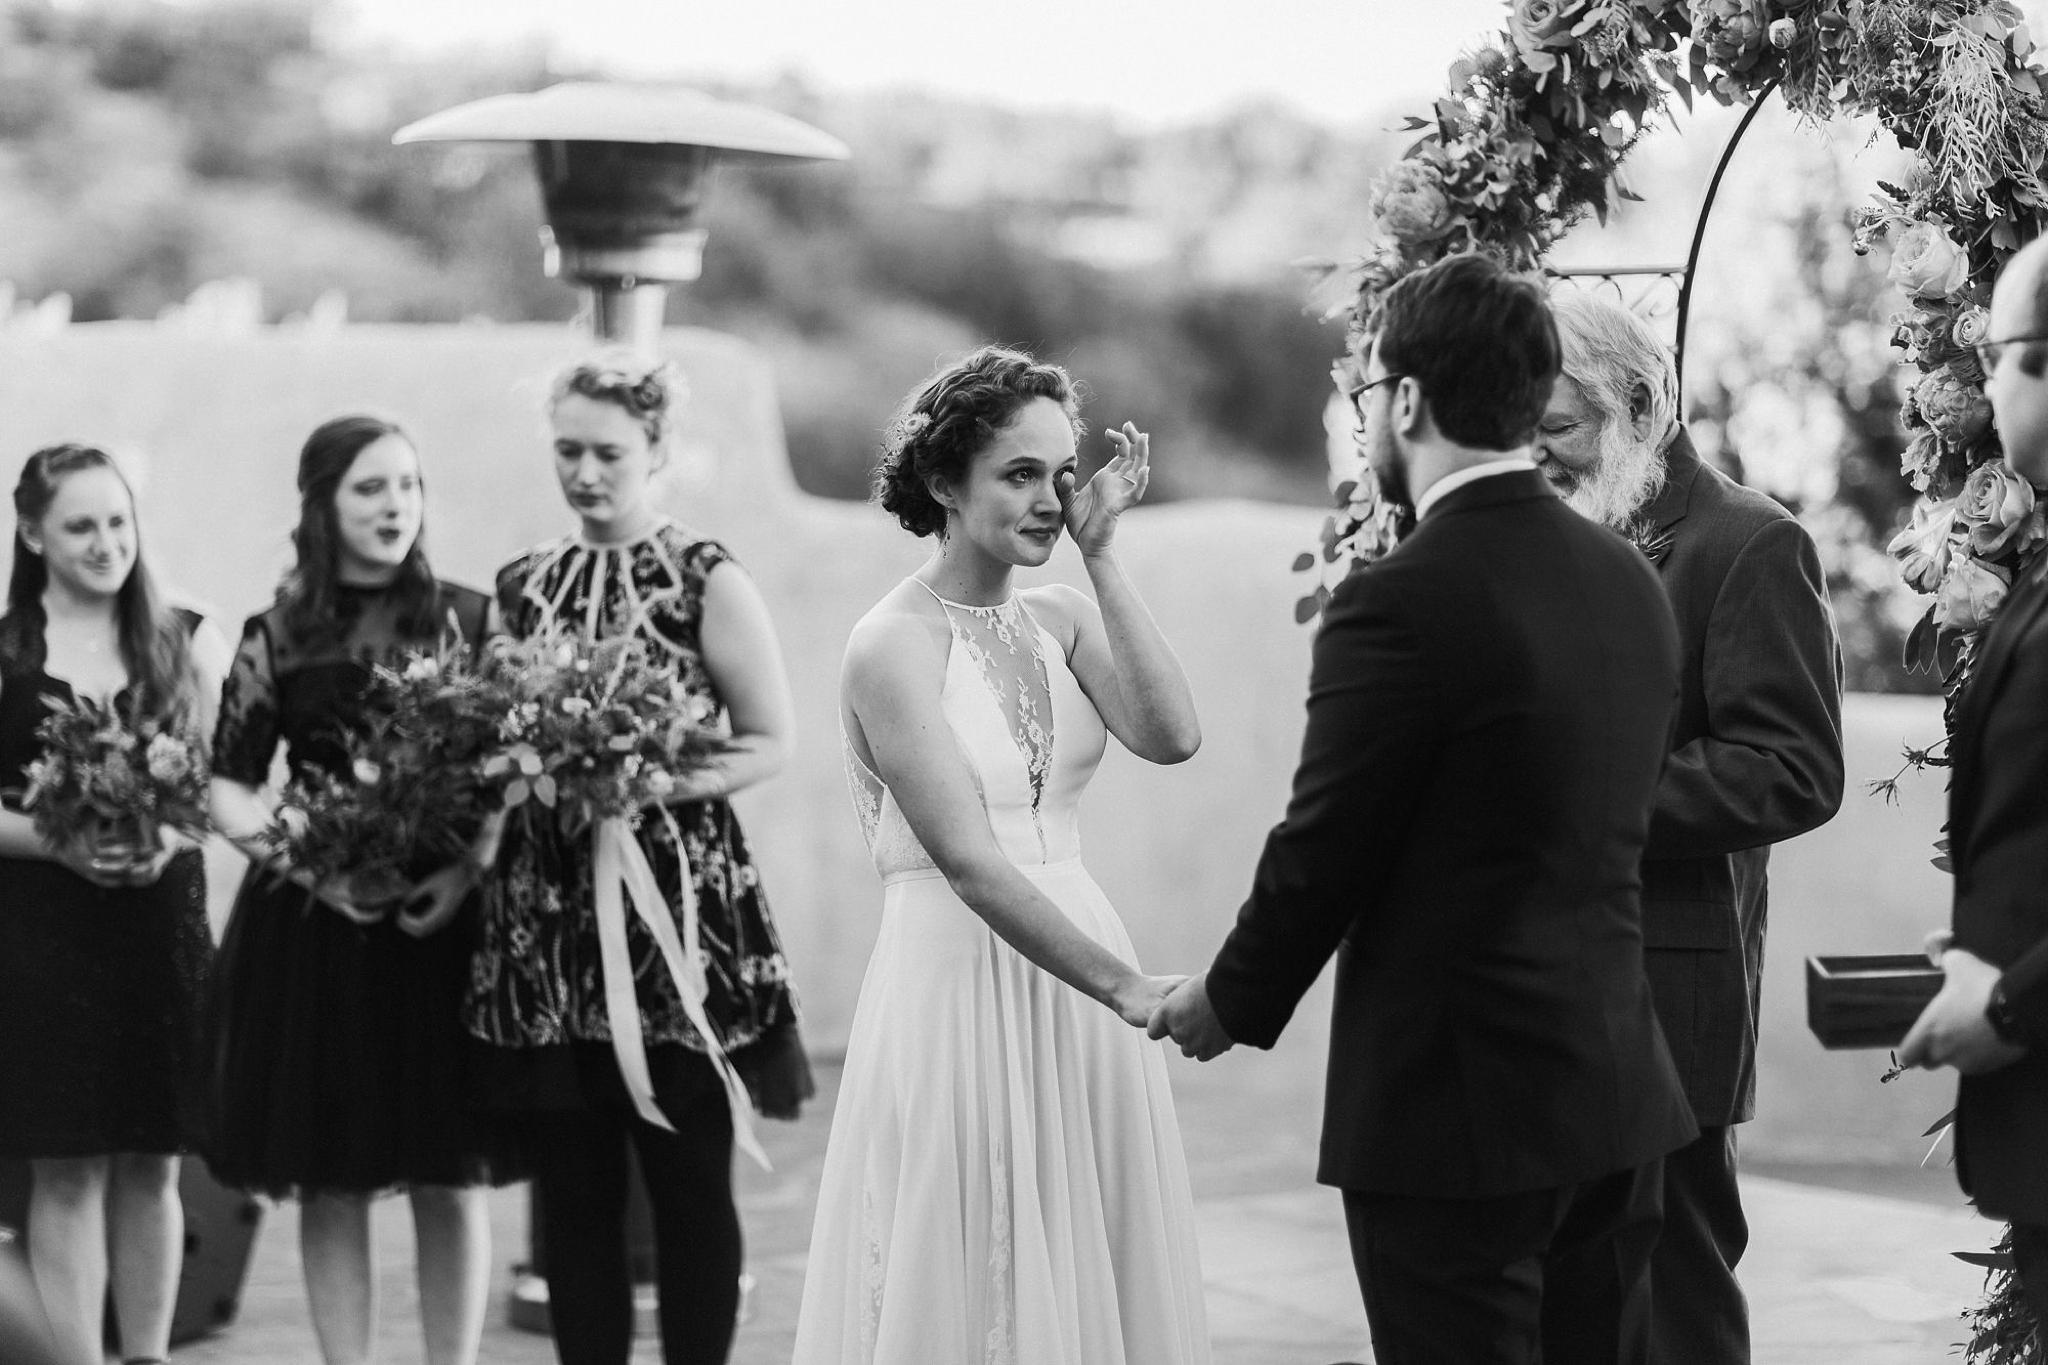 Alicia+lucia+photography+-+albuquerque+wedding+photographer+-+santa+fe+wedding+photography+-+new+mexico+wedding+photographer+-+new+mexico+wedding+-+wedding+vows+-+writing+your+own+vows+-+wedding+inspo_0029.jpg